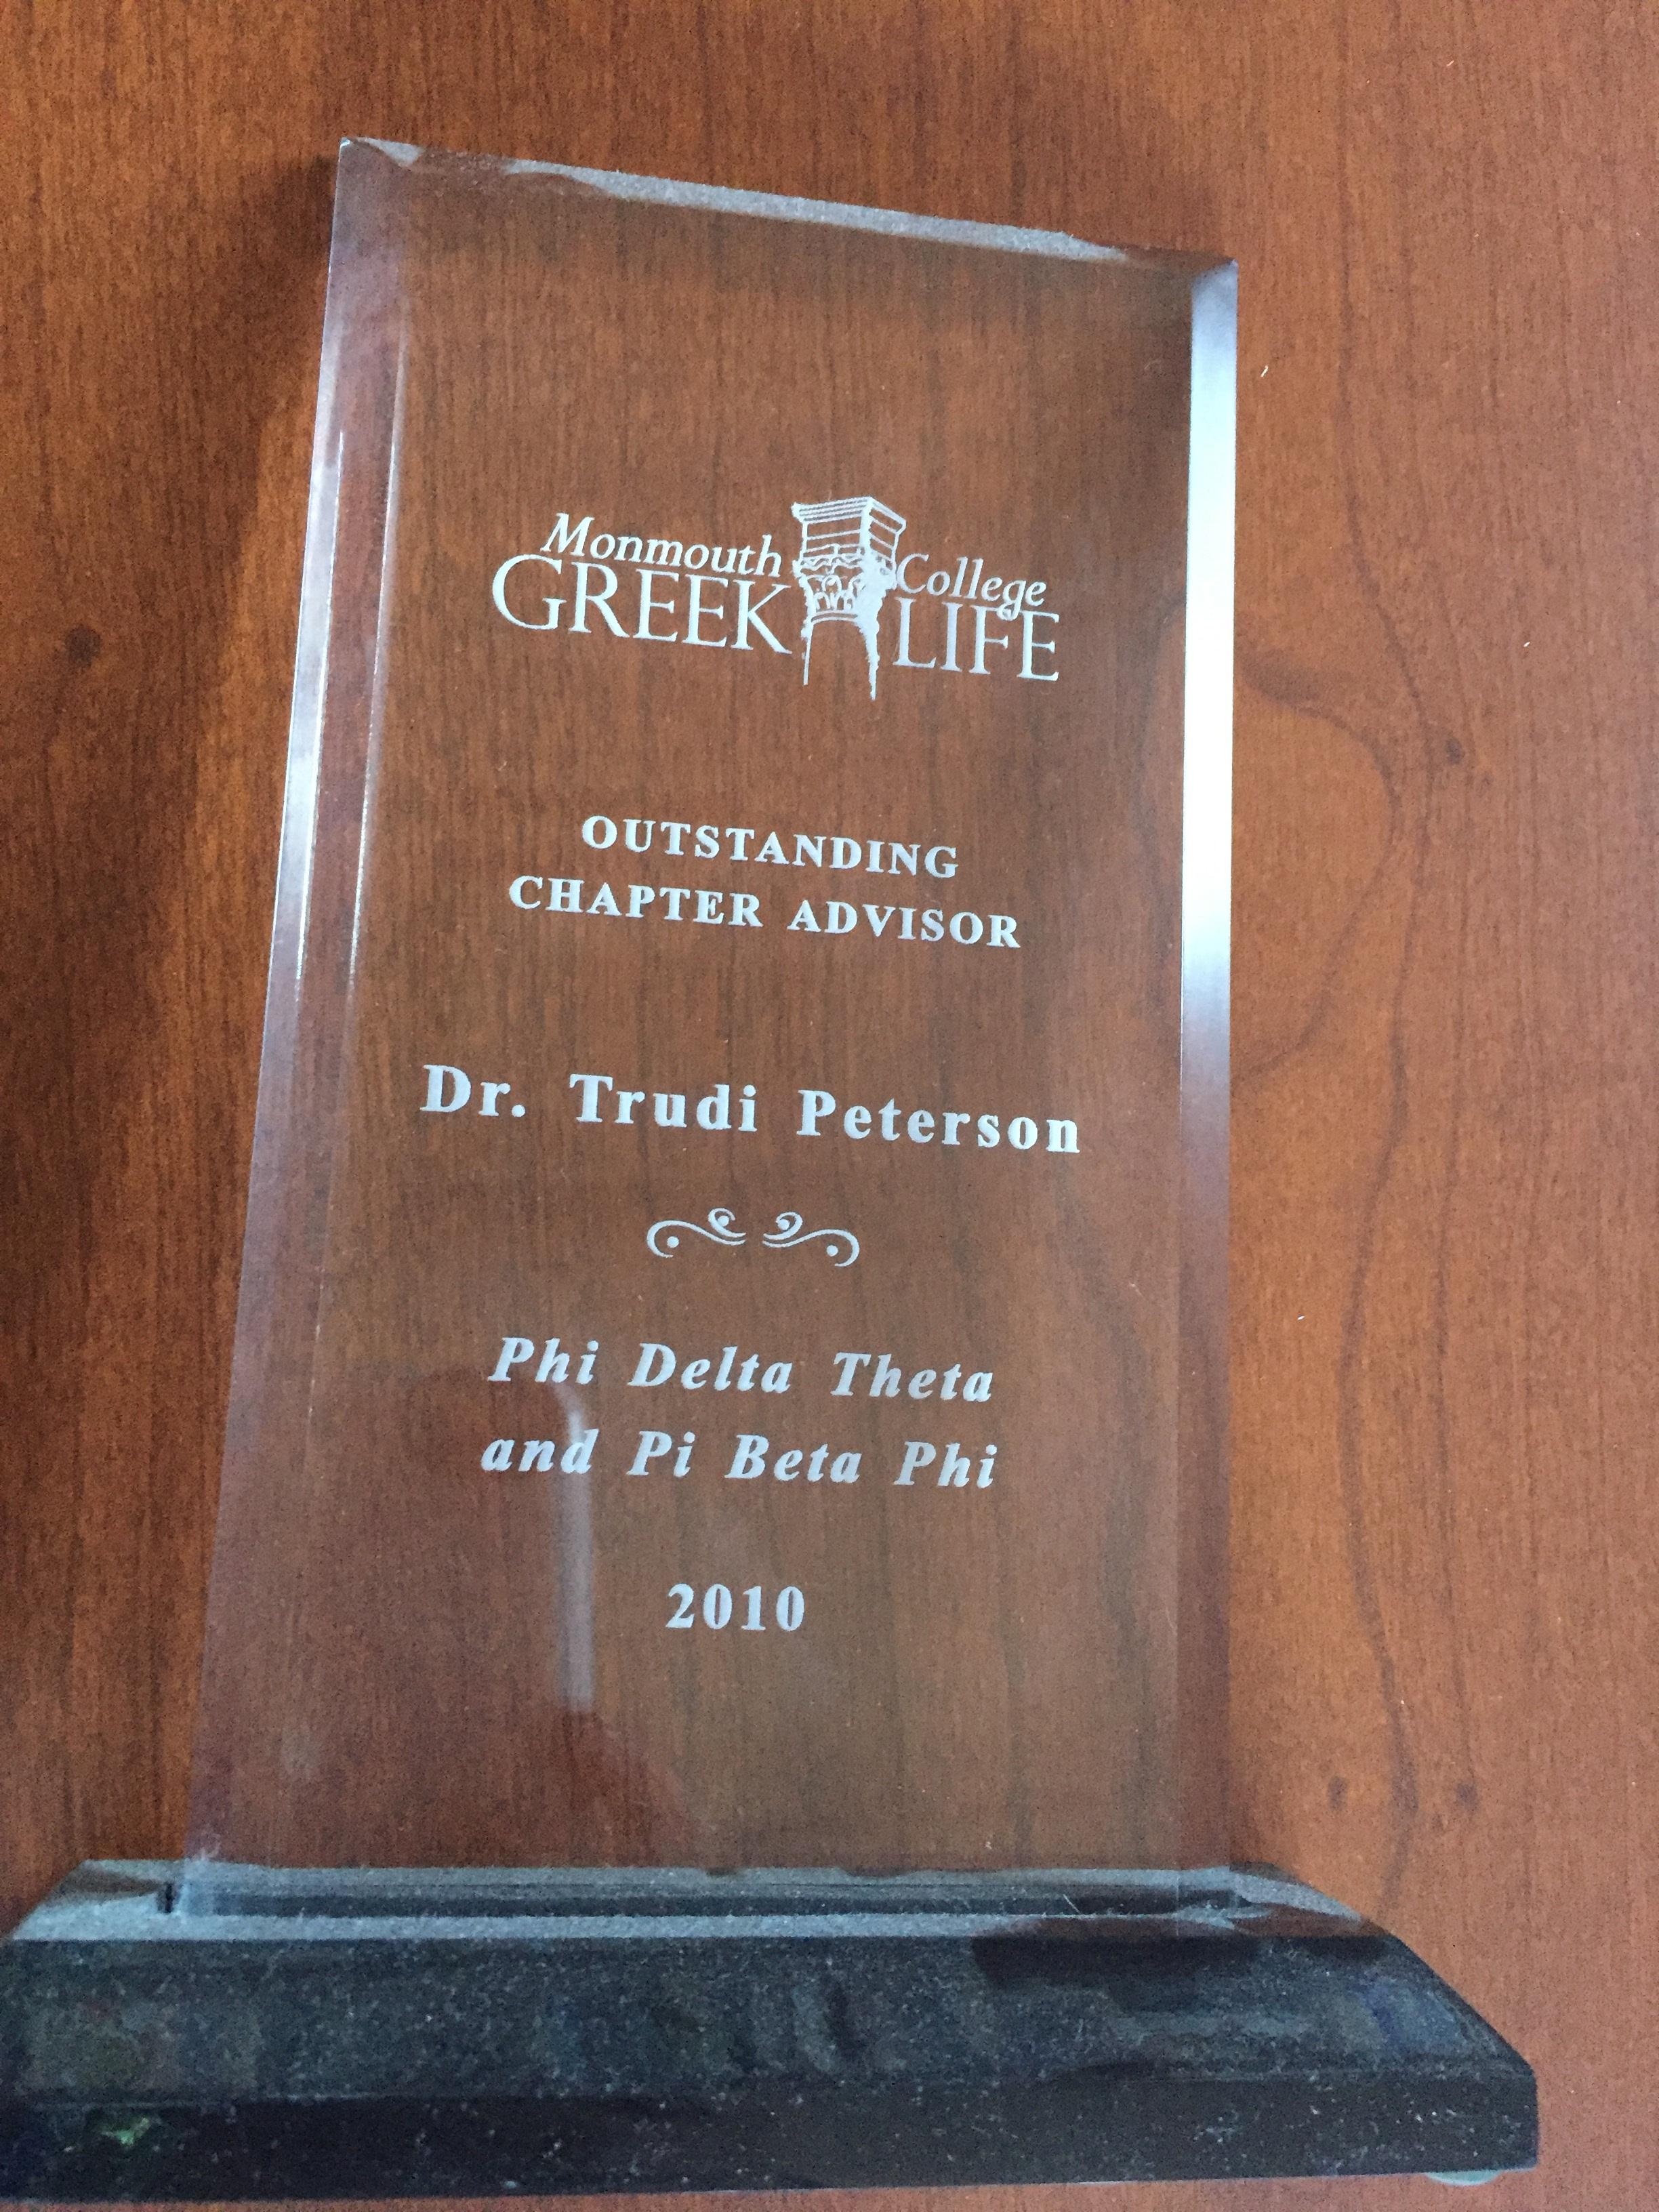 Award won